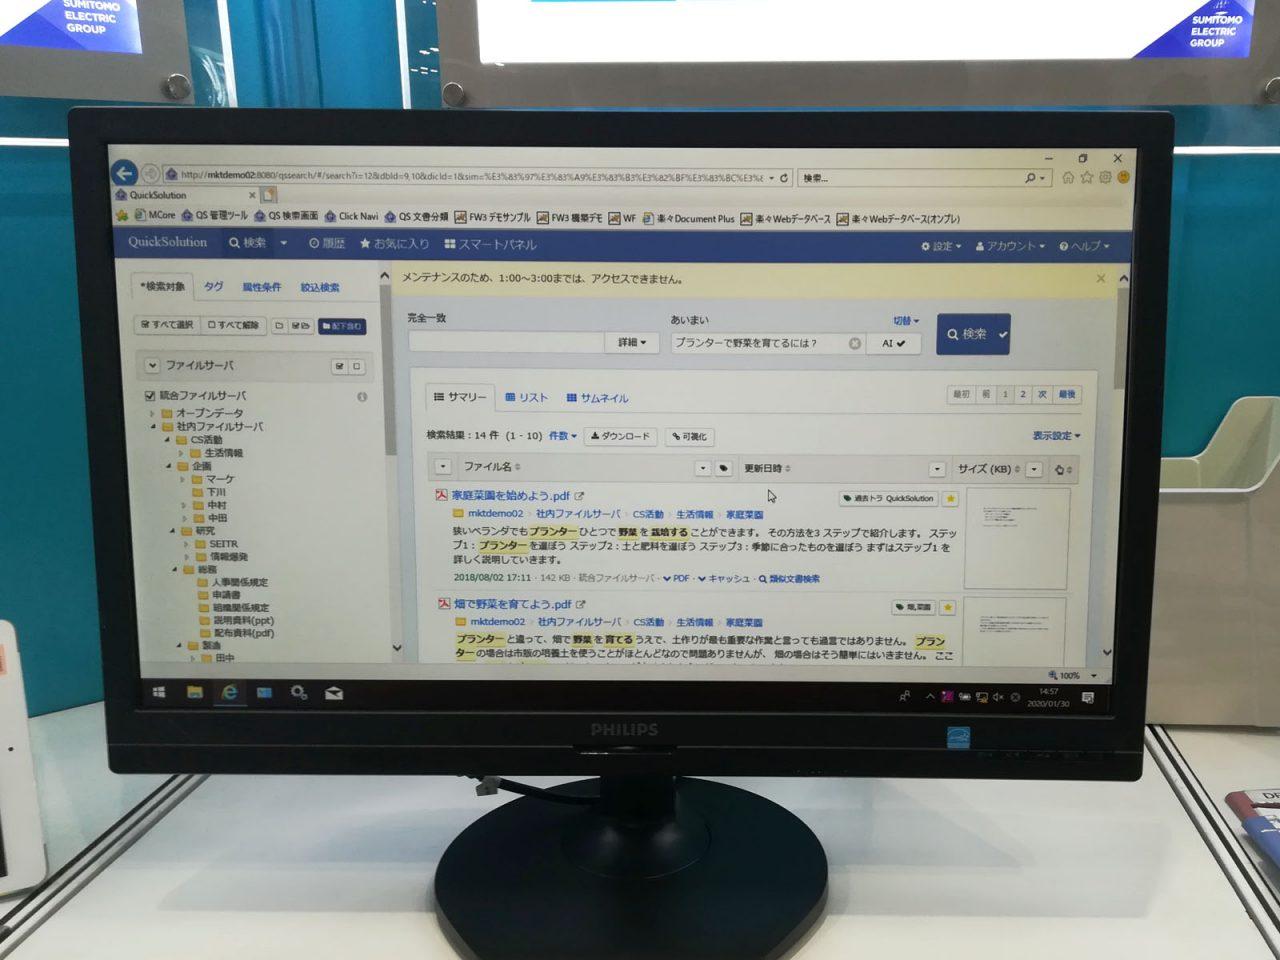 ■住友電工情報システム/QuickSolution-2|人工知能を搭載した製品・サービスの比較一覧・導入活用事例・資料請求が無料でできるAIポータルメディア